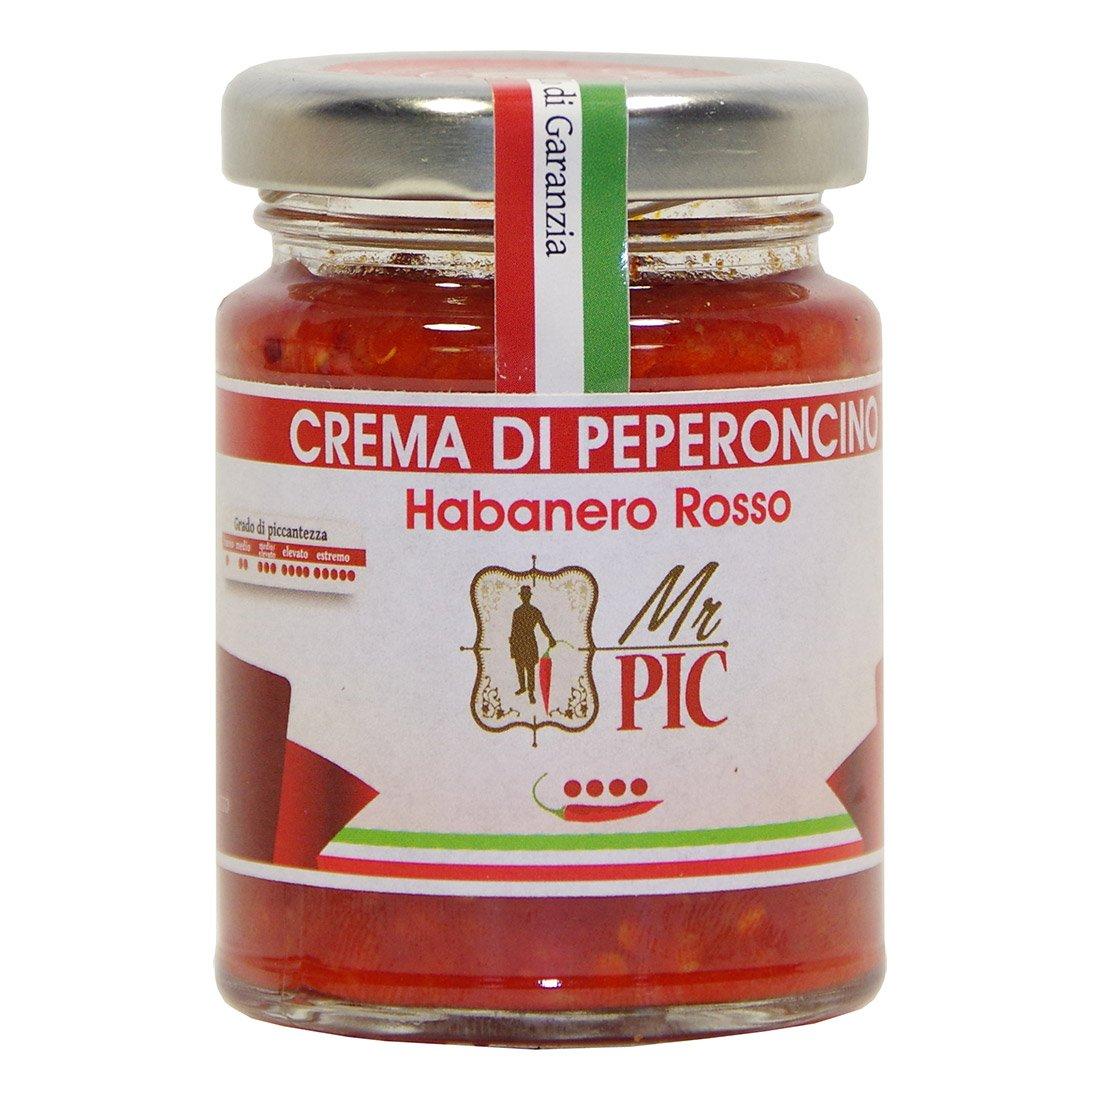 Crema di Habanero Rosso